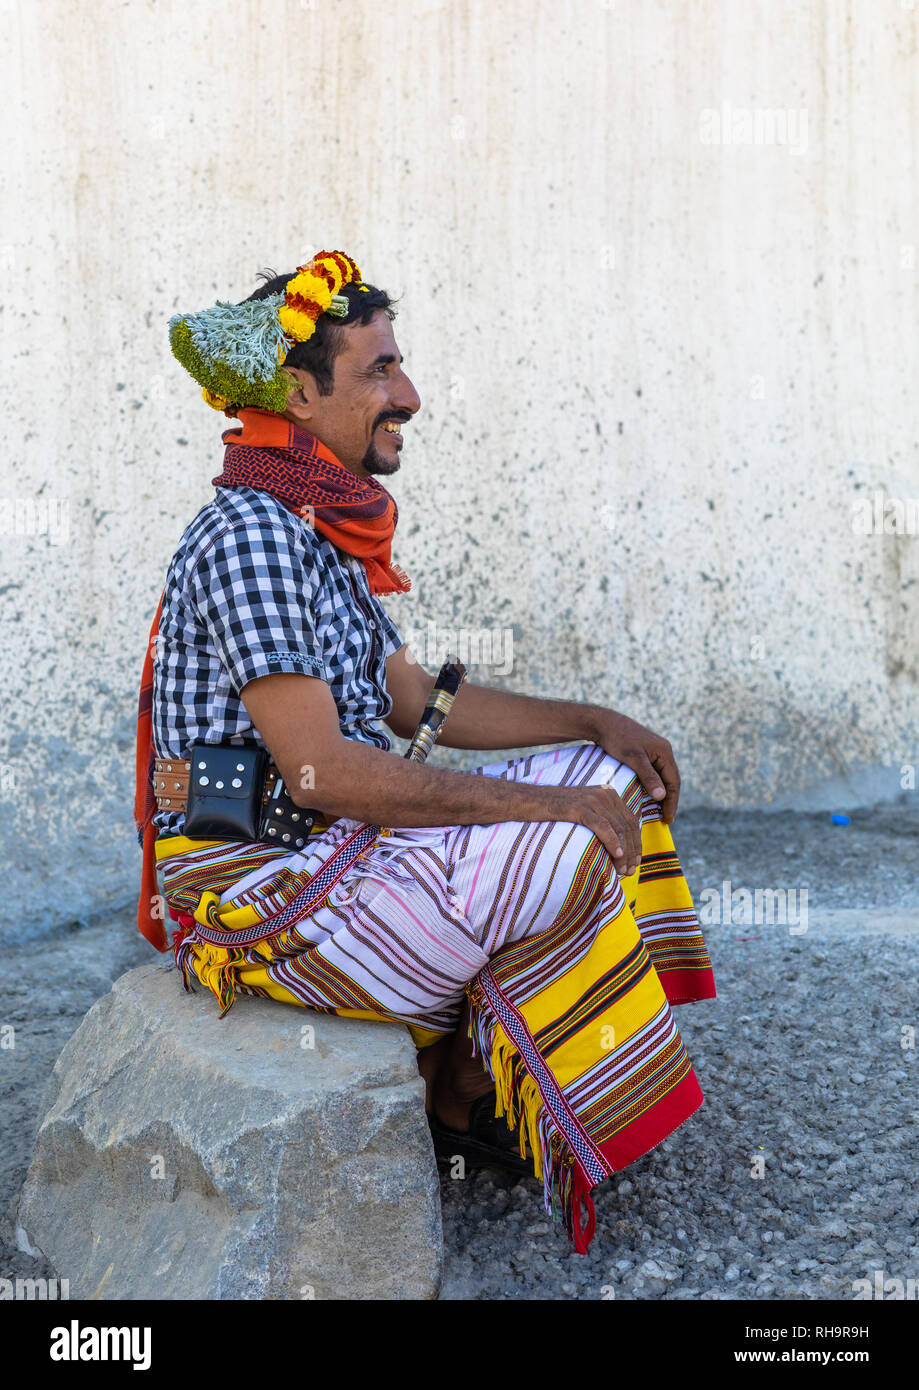 Retrato de un hombre vestido con flor de una corona de flores en la cabeza, en la provincia de Jizan Addayer, Arabia Saudita Imagen De Stock